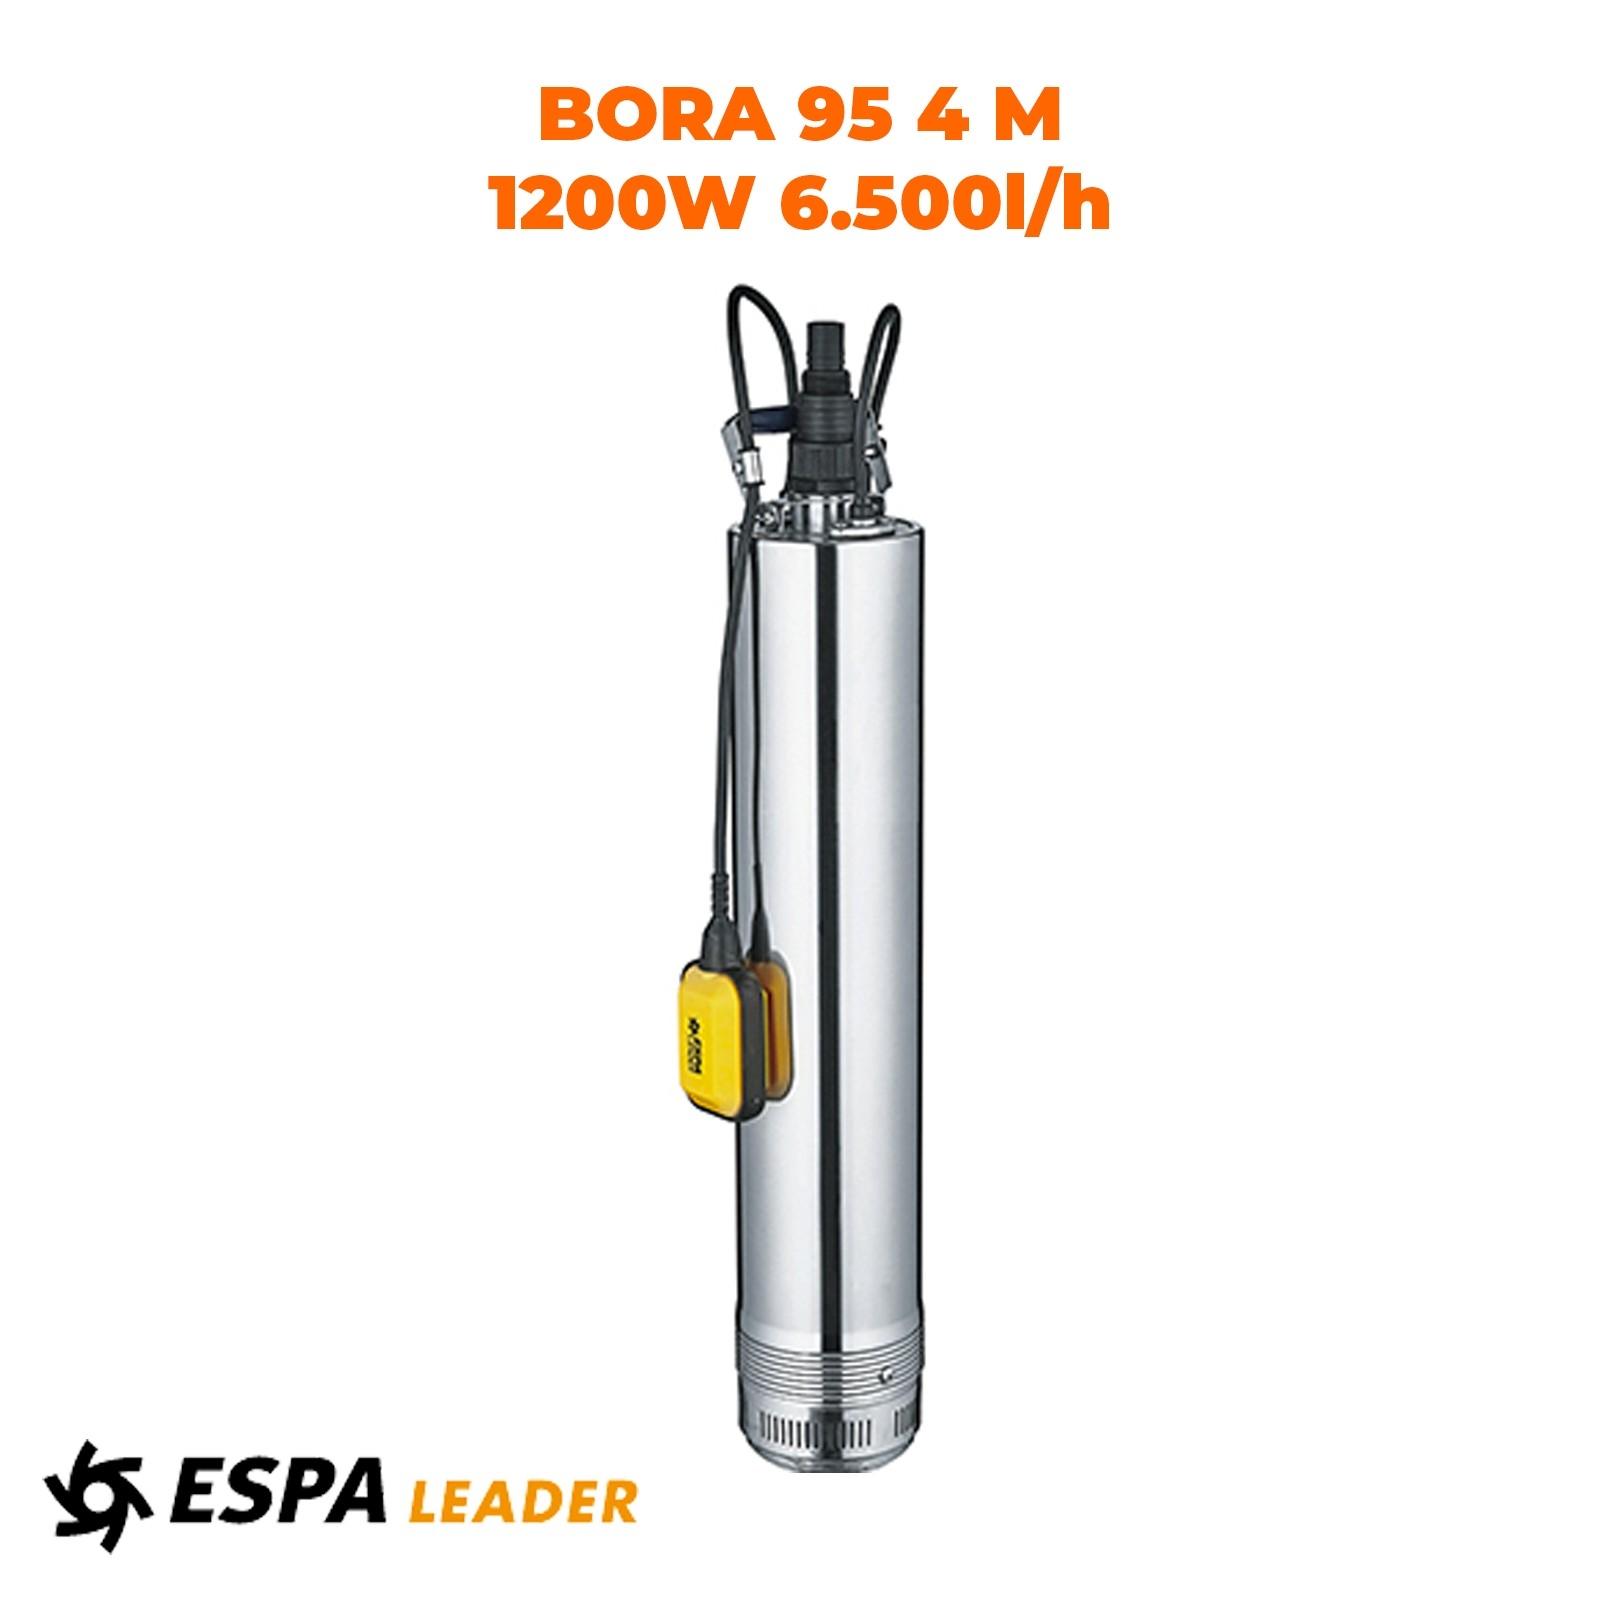 ESPA LEADER POMPE A EAU SUBMERSIBLE BORA 95 4 M